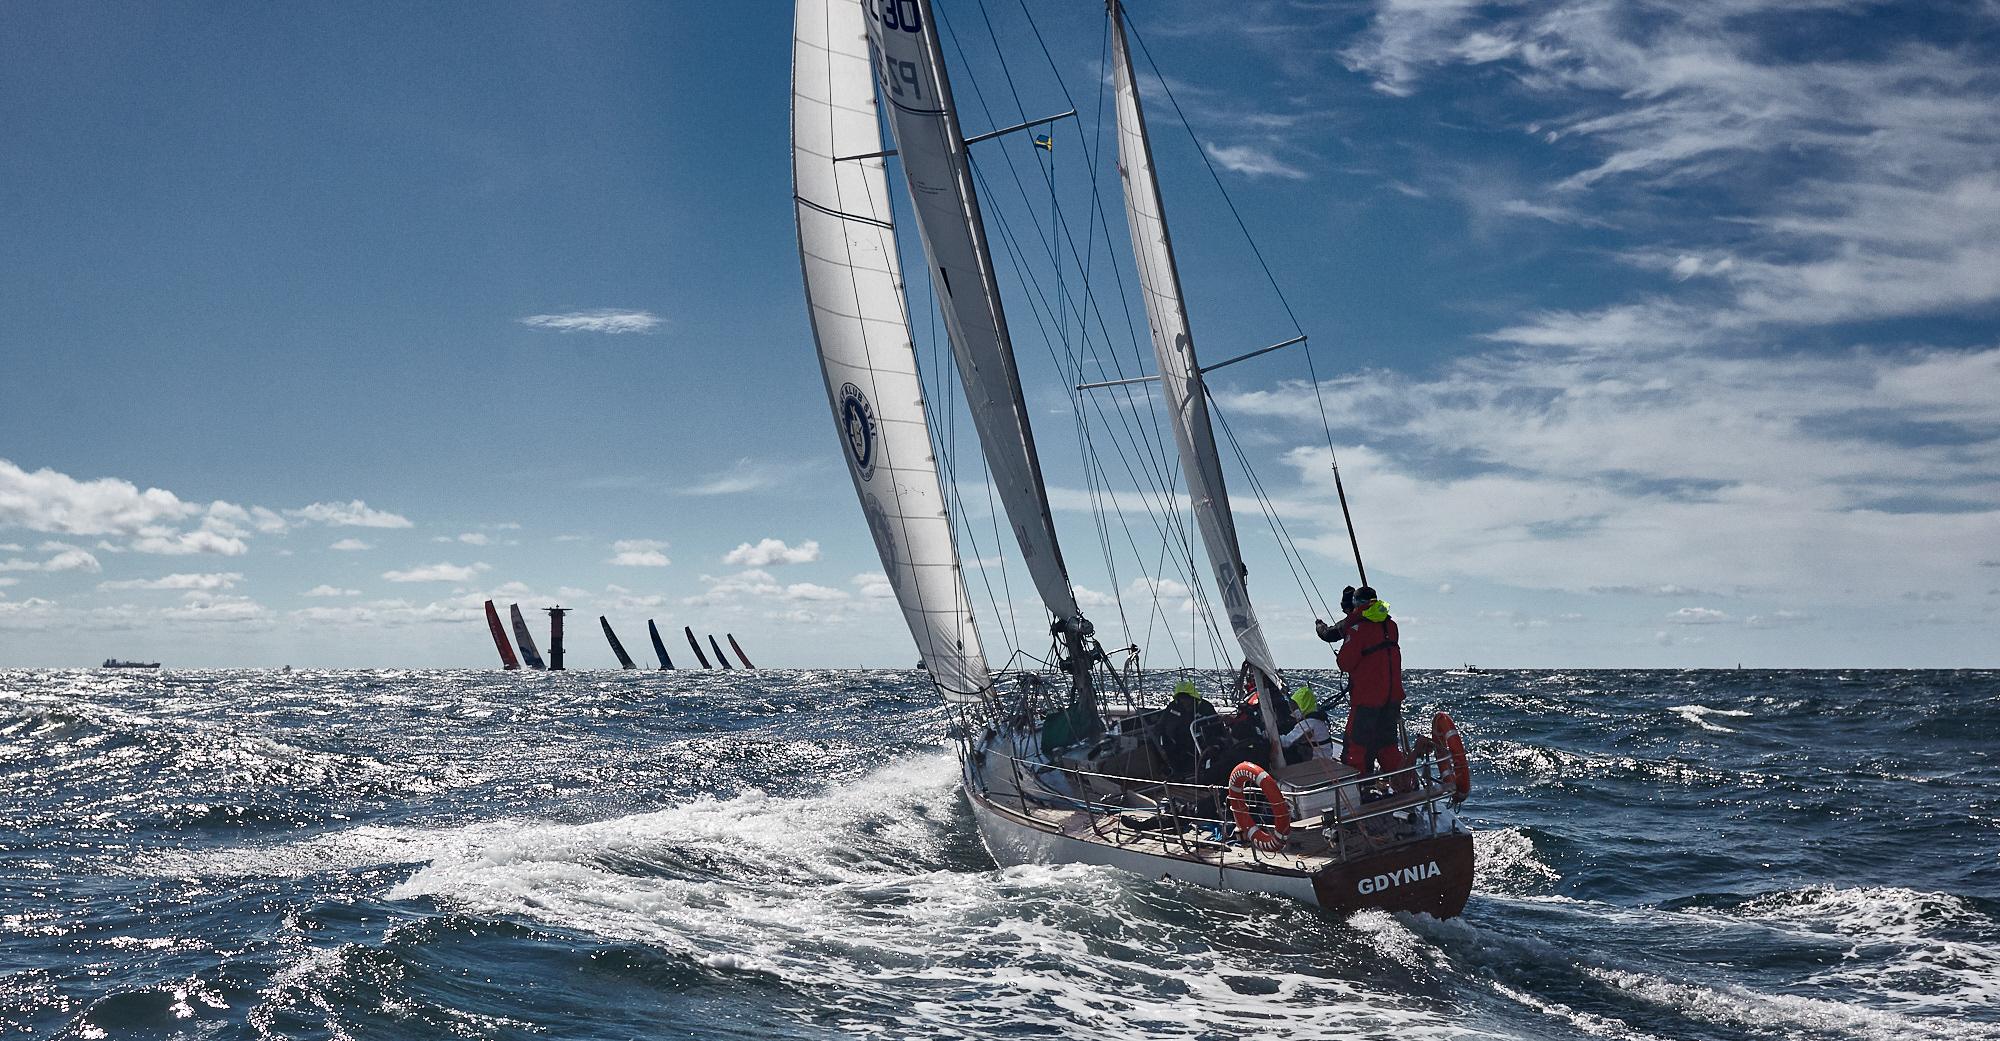 Copernicus na starcie The Legend Race. Goteborg, Szwecja, 21 czerwca 2018 r. W tle jachty uczestniczące w 13 edycji regat Volvo Ocean Race. fot. Robert Hajduk